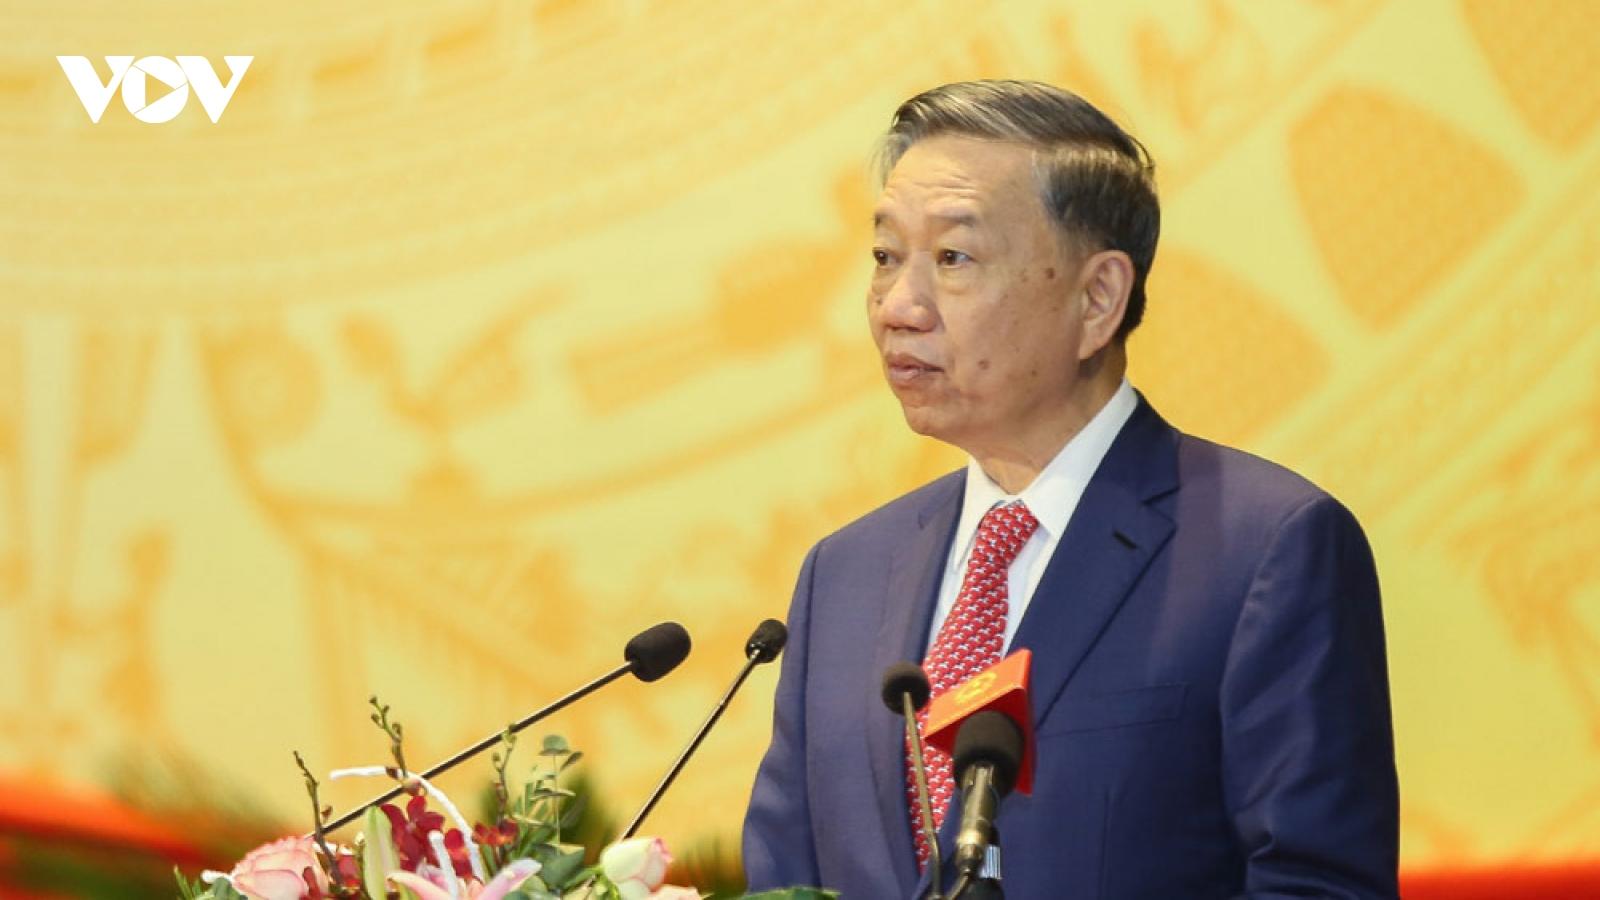 Đại tướng Tô Lâm dự khai mạc Đại hội Đảng bộ tỉnh Điện Biên